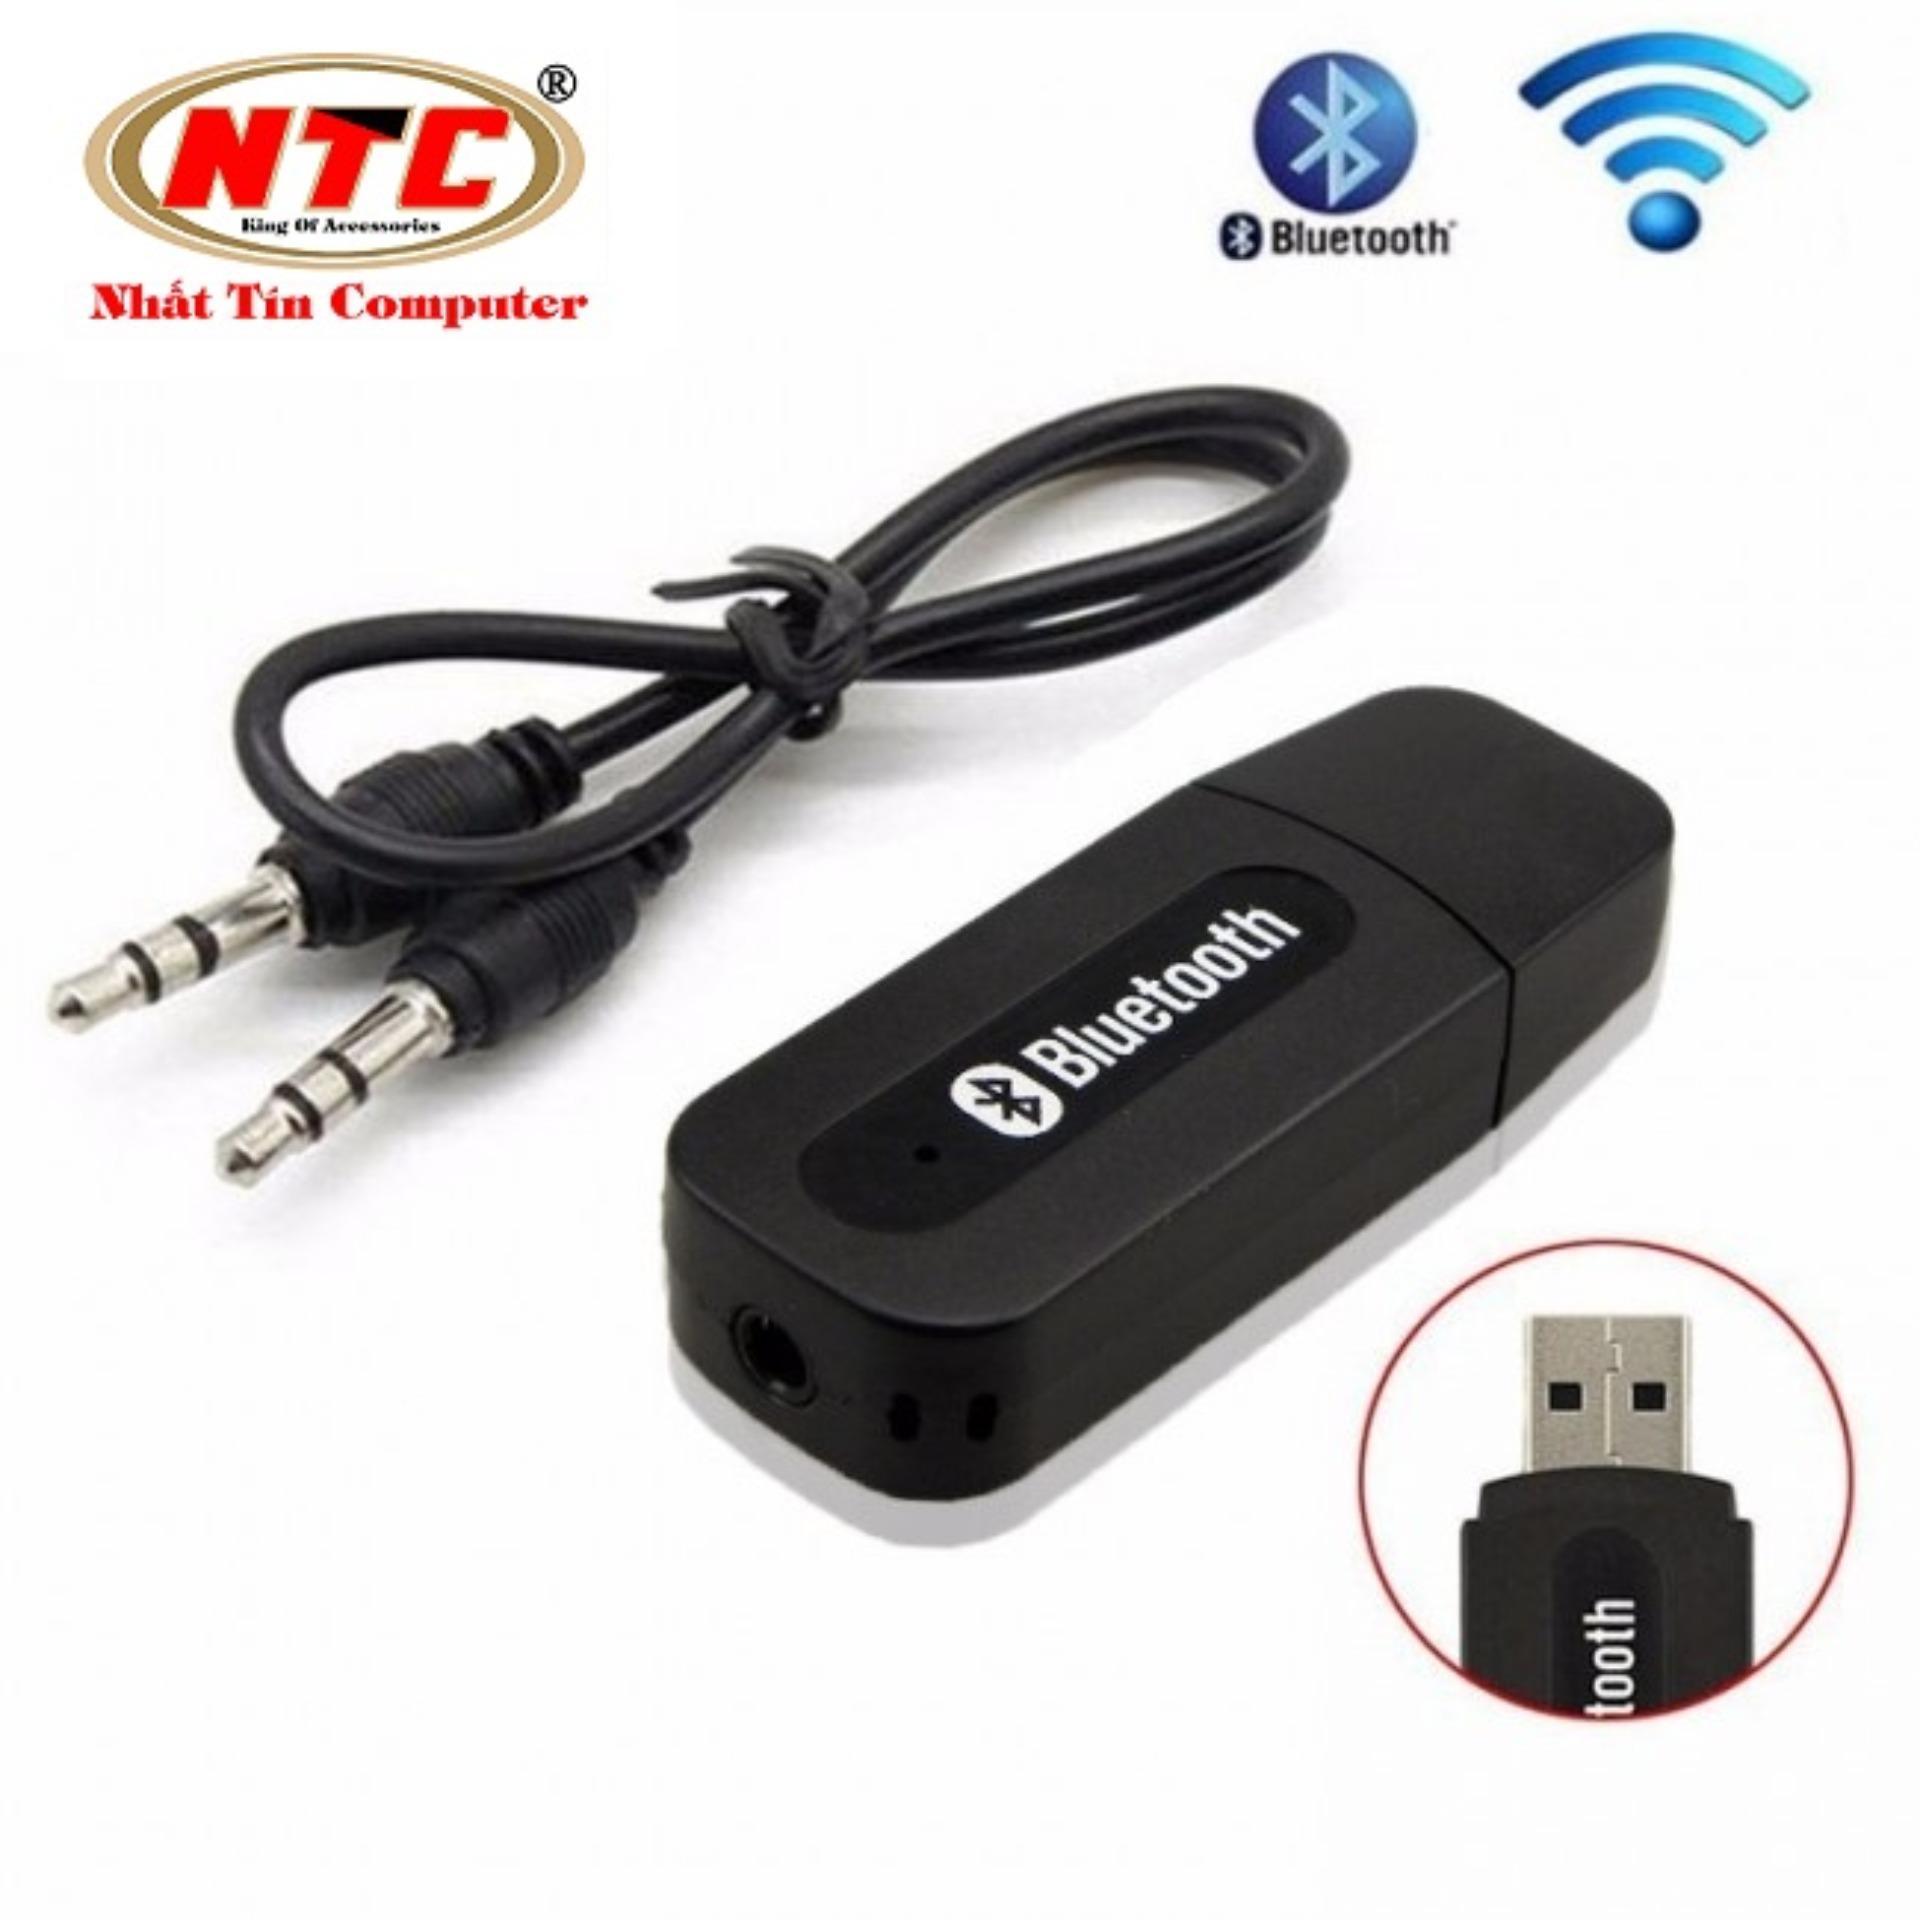 Hình ảnh USB Bluetooth 163 kết nối Loa Thường thành loa không dây (Đen)